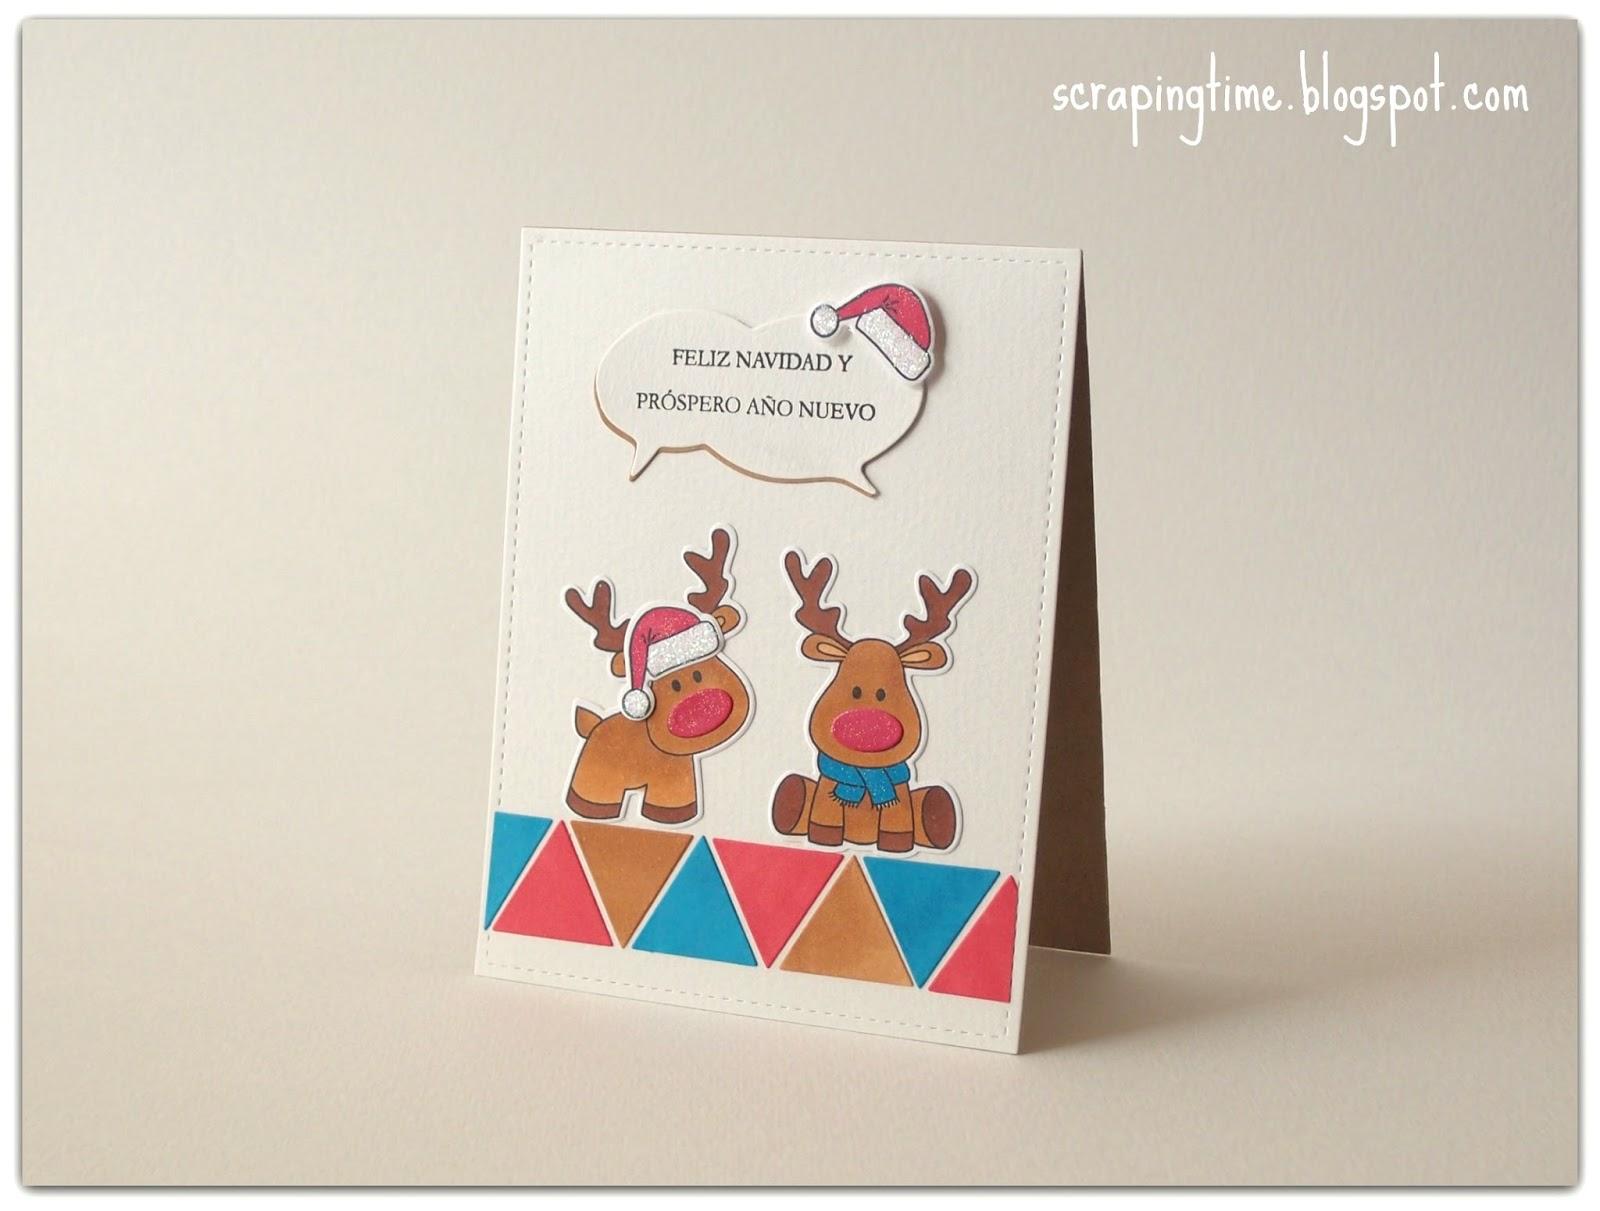 Tarjetas navide as con cualquier material la pareja - Postales navidenas creativas ...